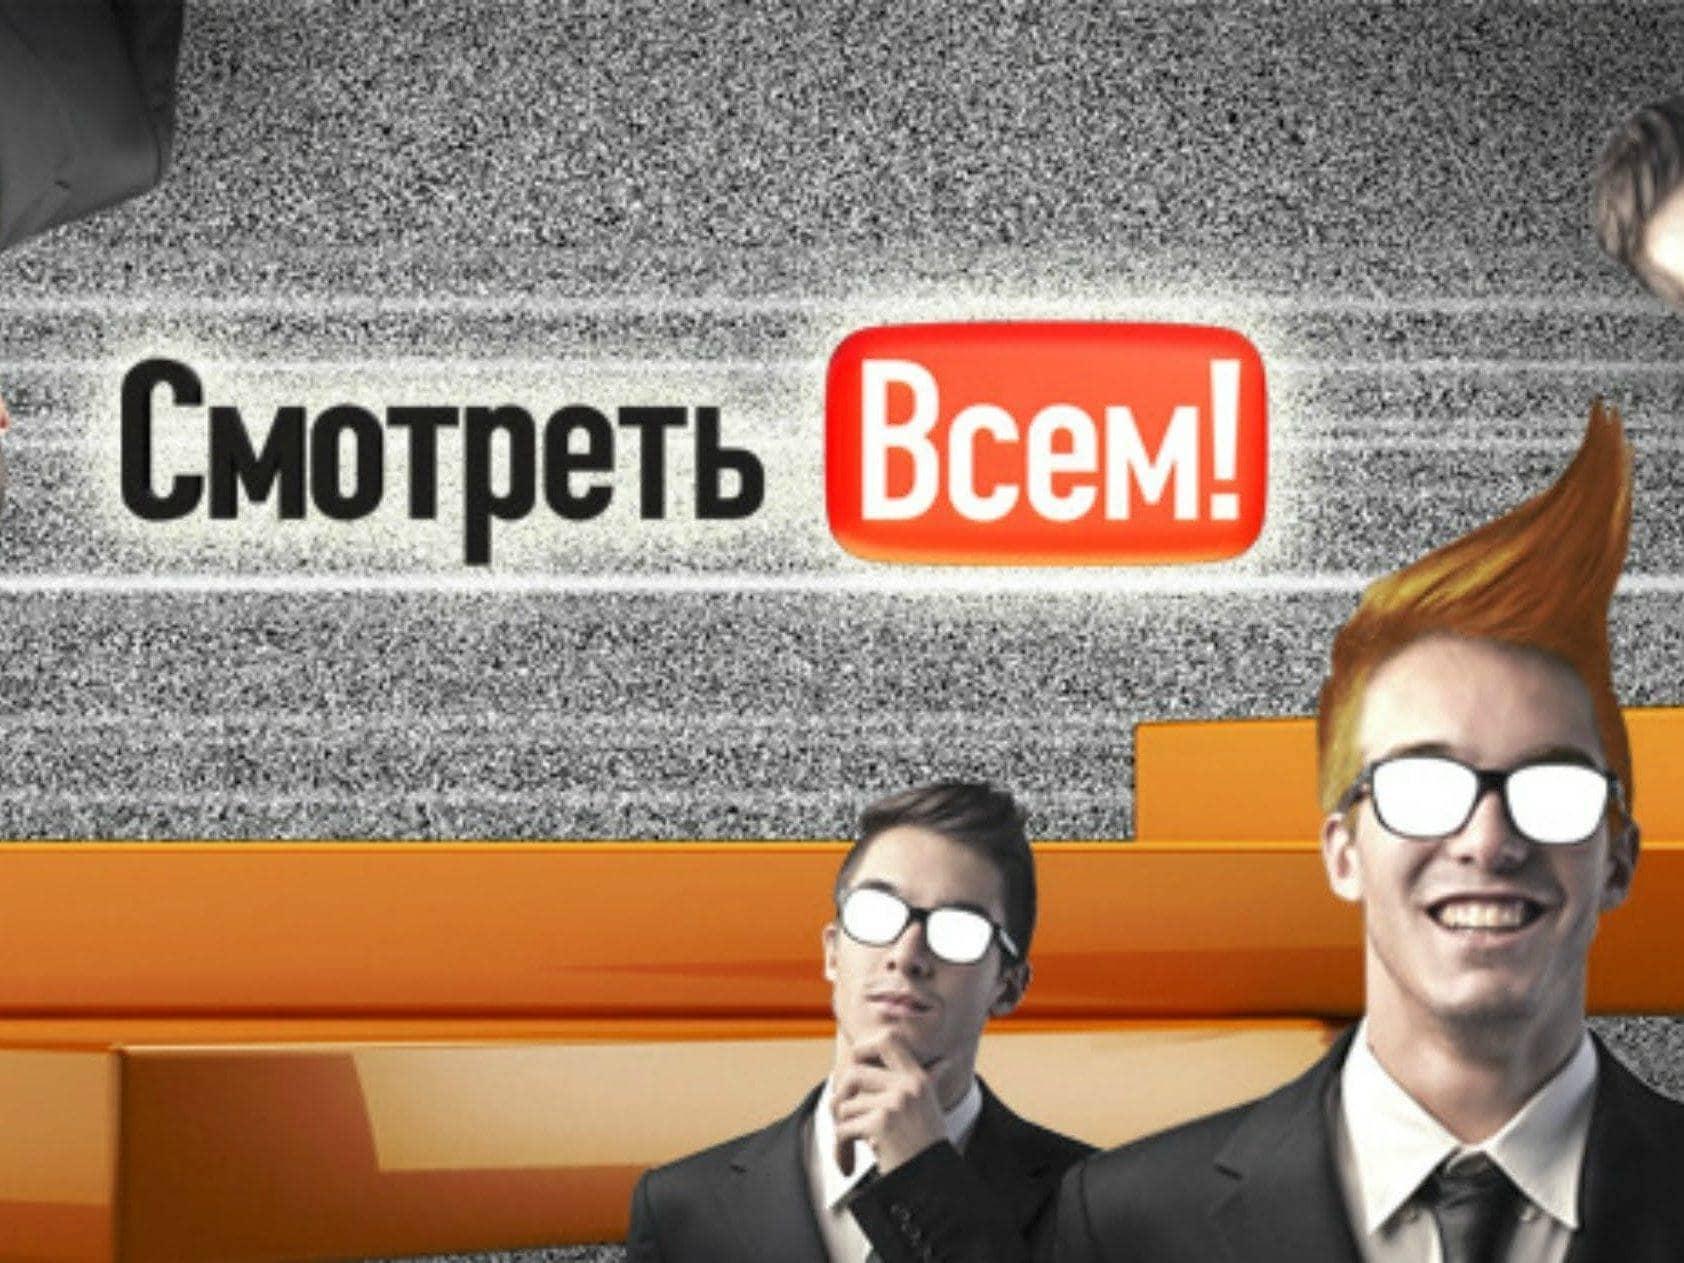 Смотреть всем! 380 серия в 21:58 на РЕН ТВ